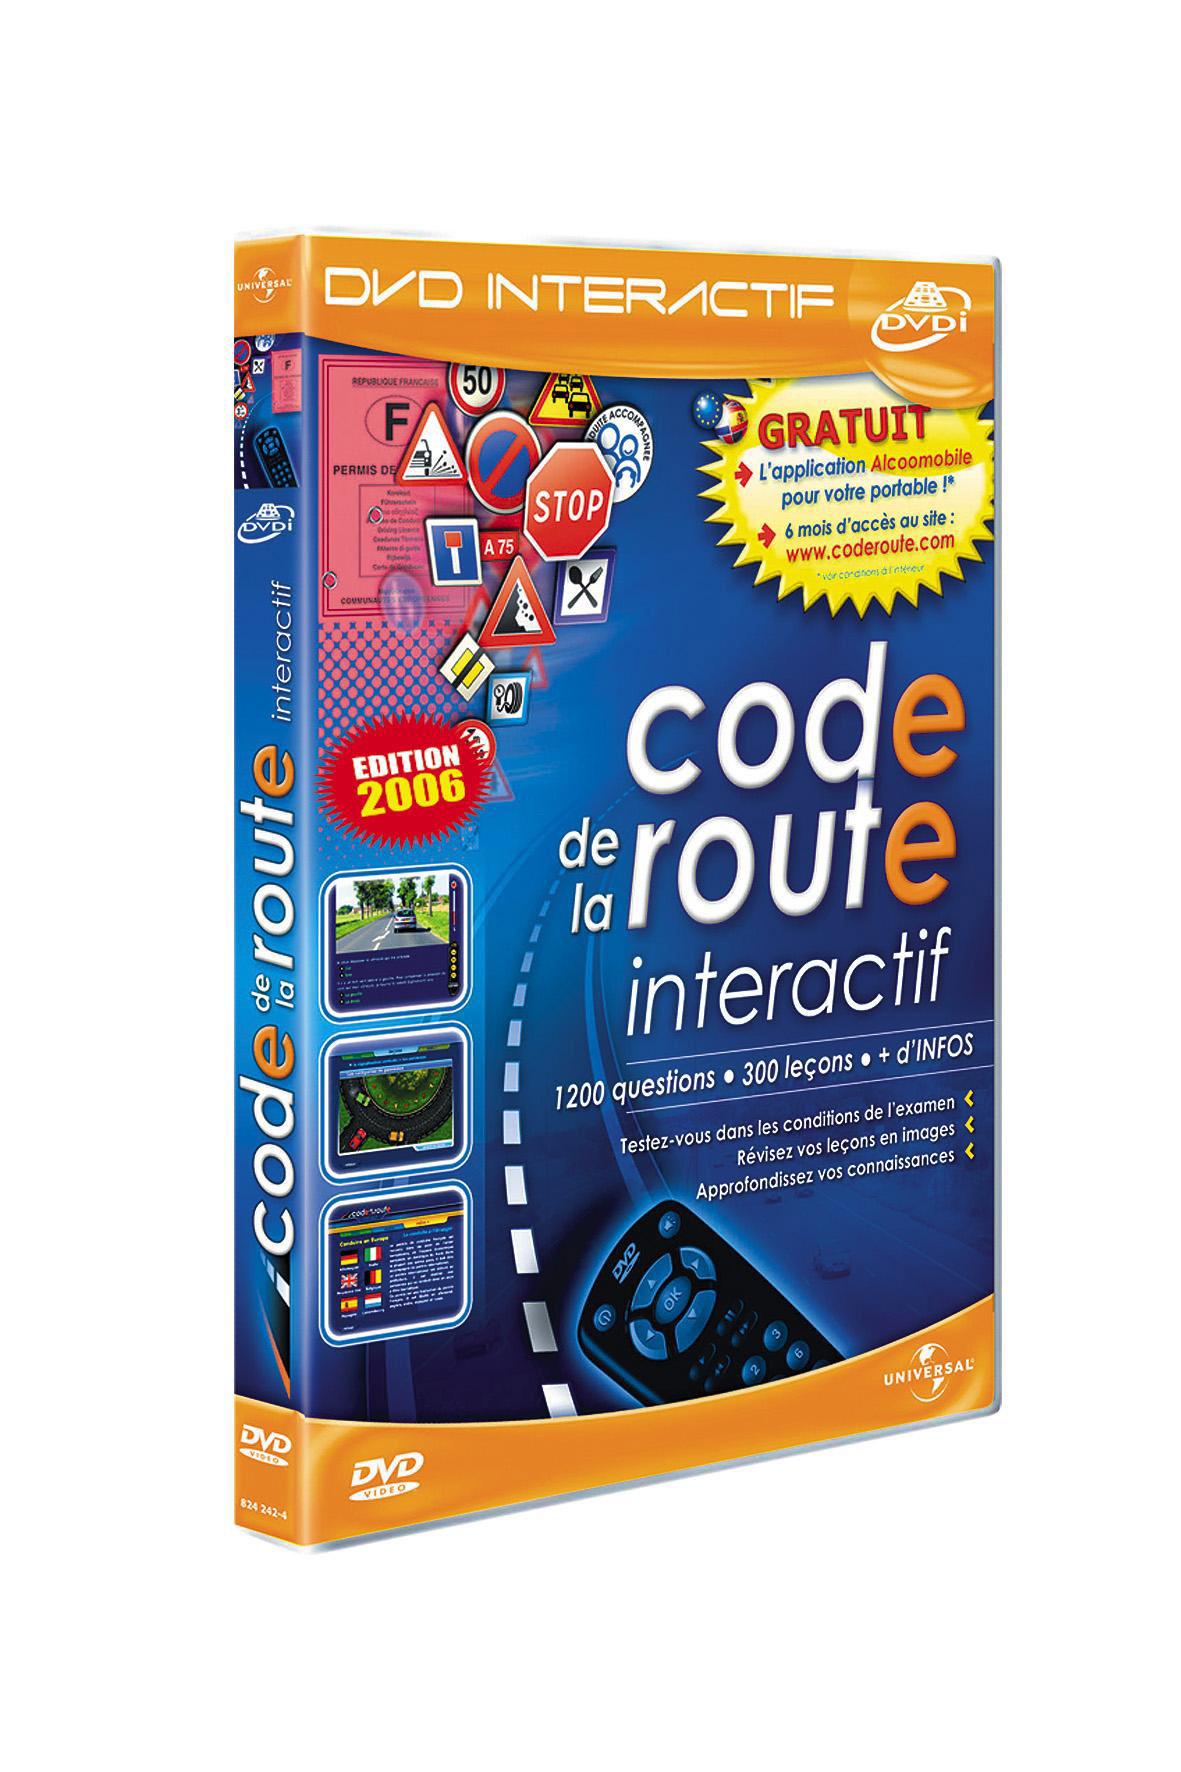 edition 2006 du dvd code de la route. Black Bedroom Furniture Sets. Home Design Ideas